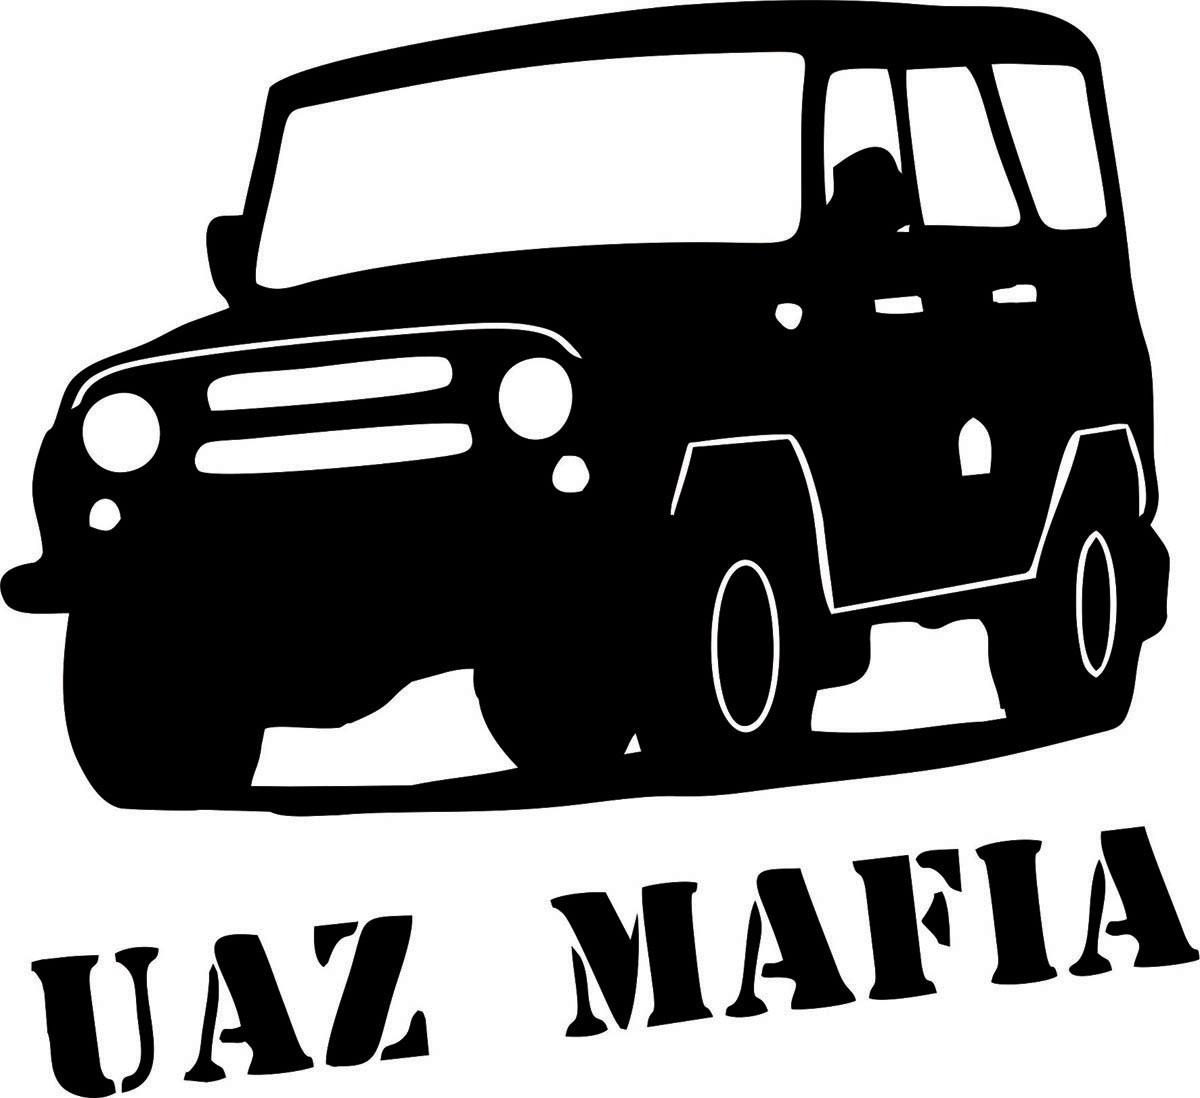 Наклейка автомобильная Оранжевый слоник UAZ Mafia 2, виниловая, цвет: черный1504400016BОригинальная наклейка Оранжевый слоник UAZ Mafia 2 изготовлена из высококачественной виниловой пленки, которая выполняет не только декоративную функцию, но и защищает кузов автомобиля от небольших механических повреждений, либо скрывает уже существующие. Виниловые наклейки на автомобиль - это не только красиво, но еще и быстро! Всего за несколько минут вы можете полностью преобразить свой автомобиль, сделать его ярким, необычным, особенным и неповторимым!